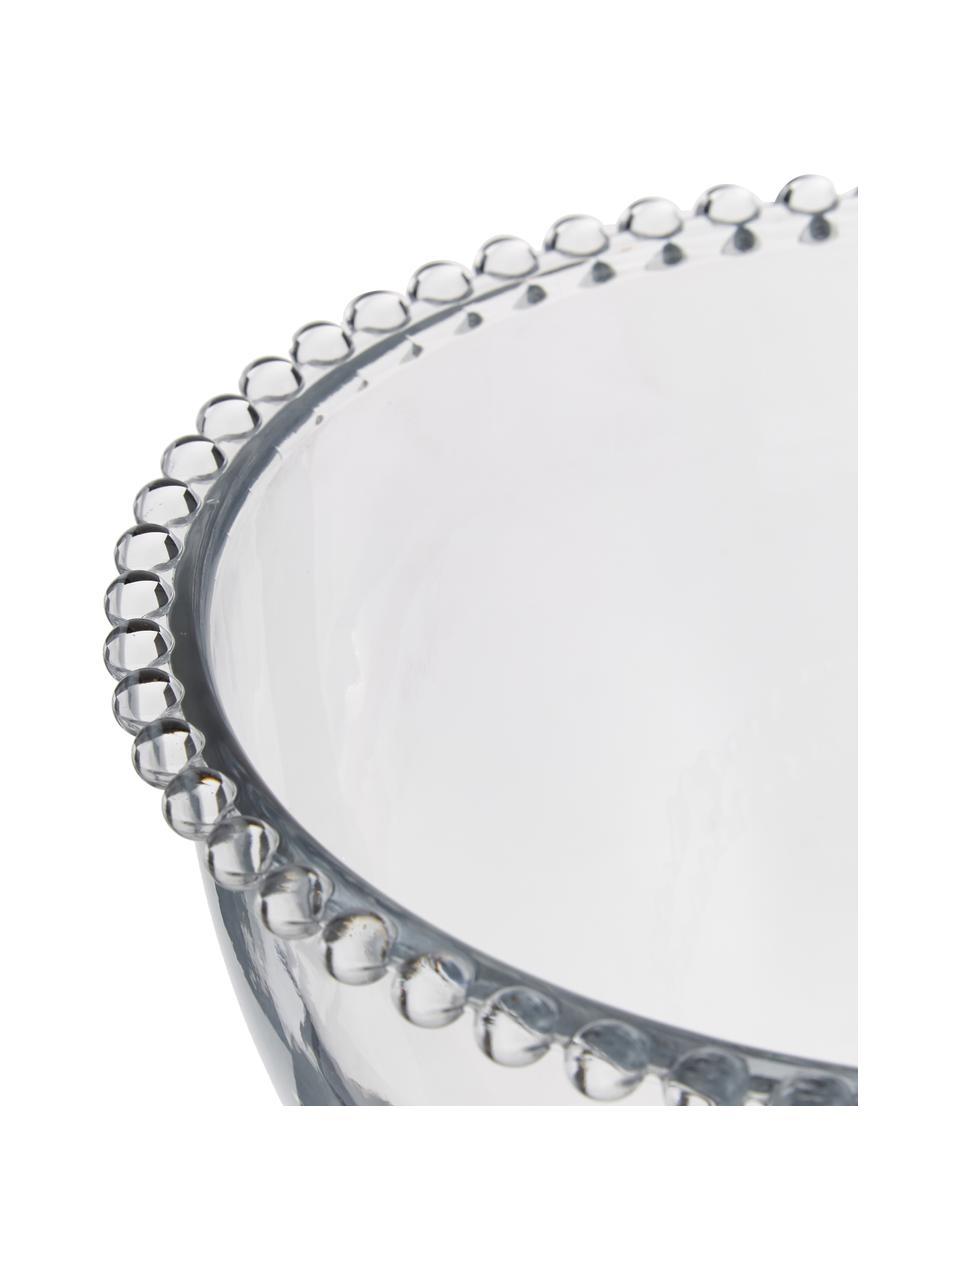 Skleněná mísa Perles, Ø 21 cm, Transparentní